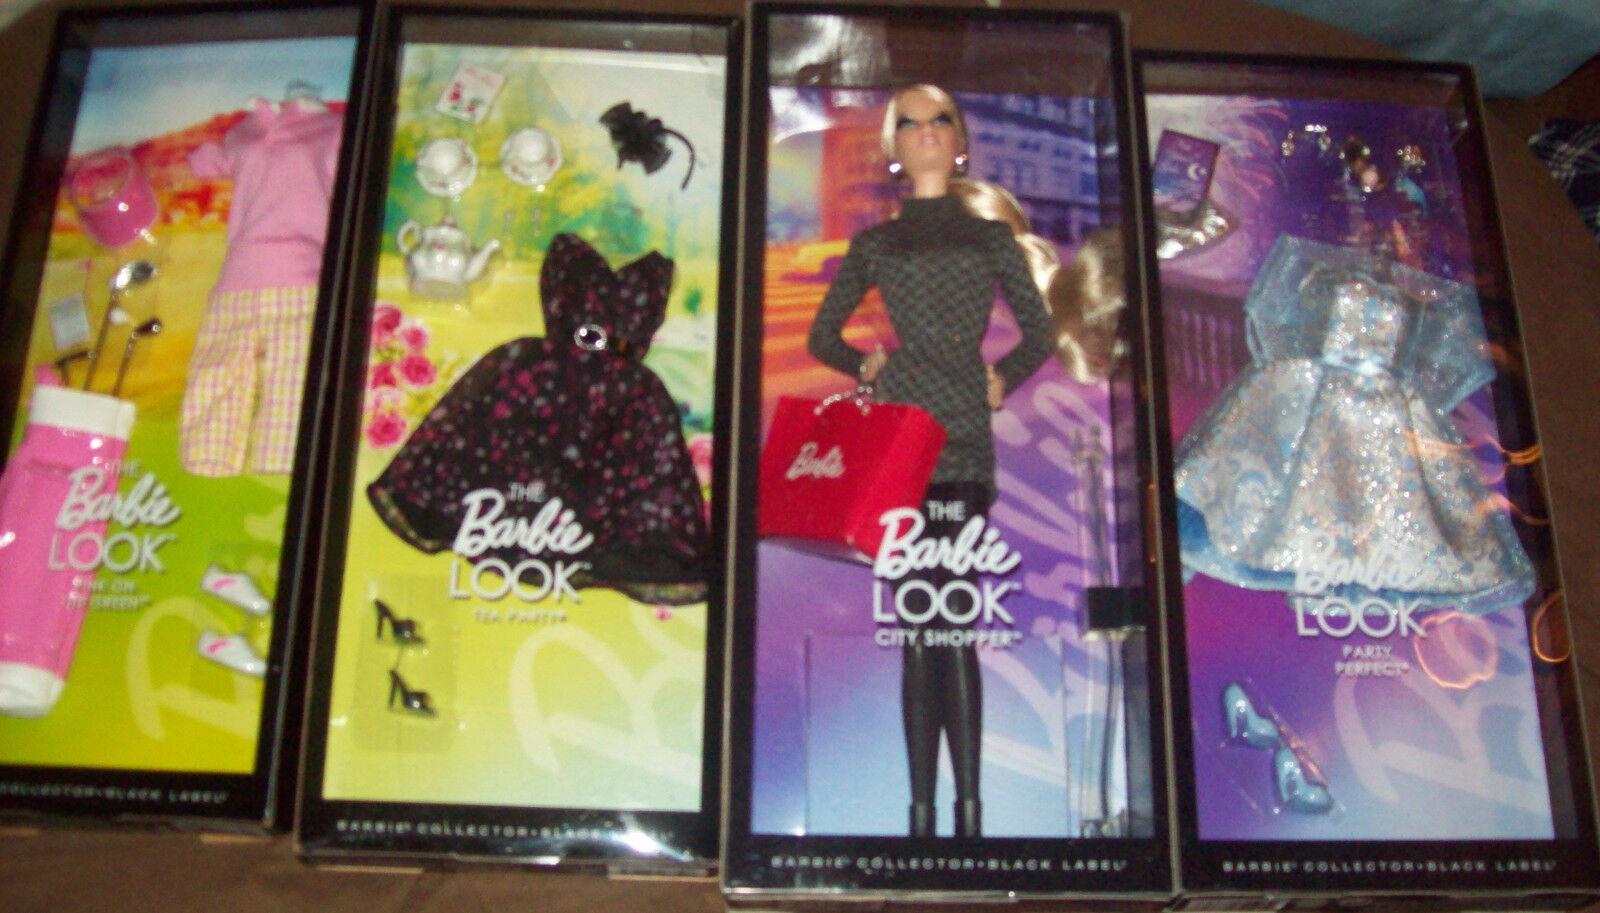 La muñeca Barbie Look City Shopper, Armario & 3 Barbie Look Fashions  Nuevo